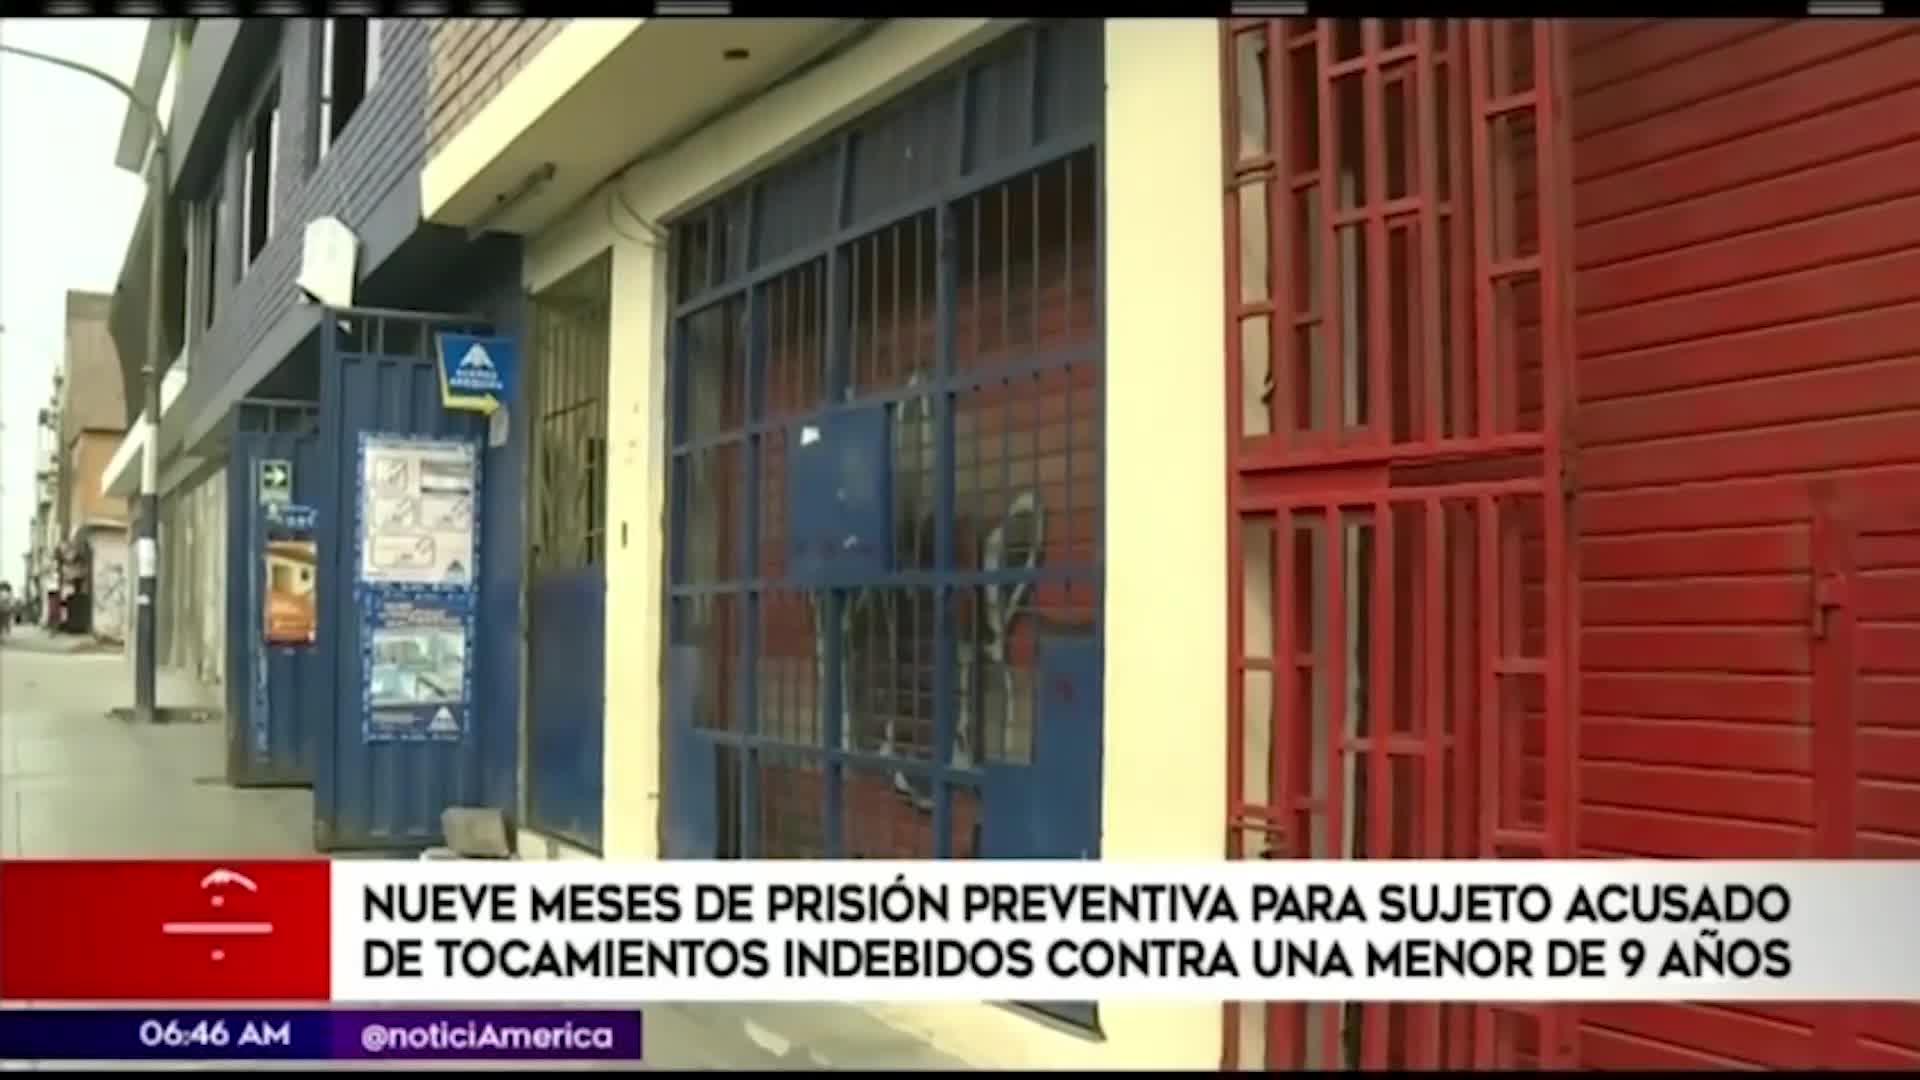 Dictan nueve meses de prisión preventiva a sujeto por tocamientos indebidos a menor de edad